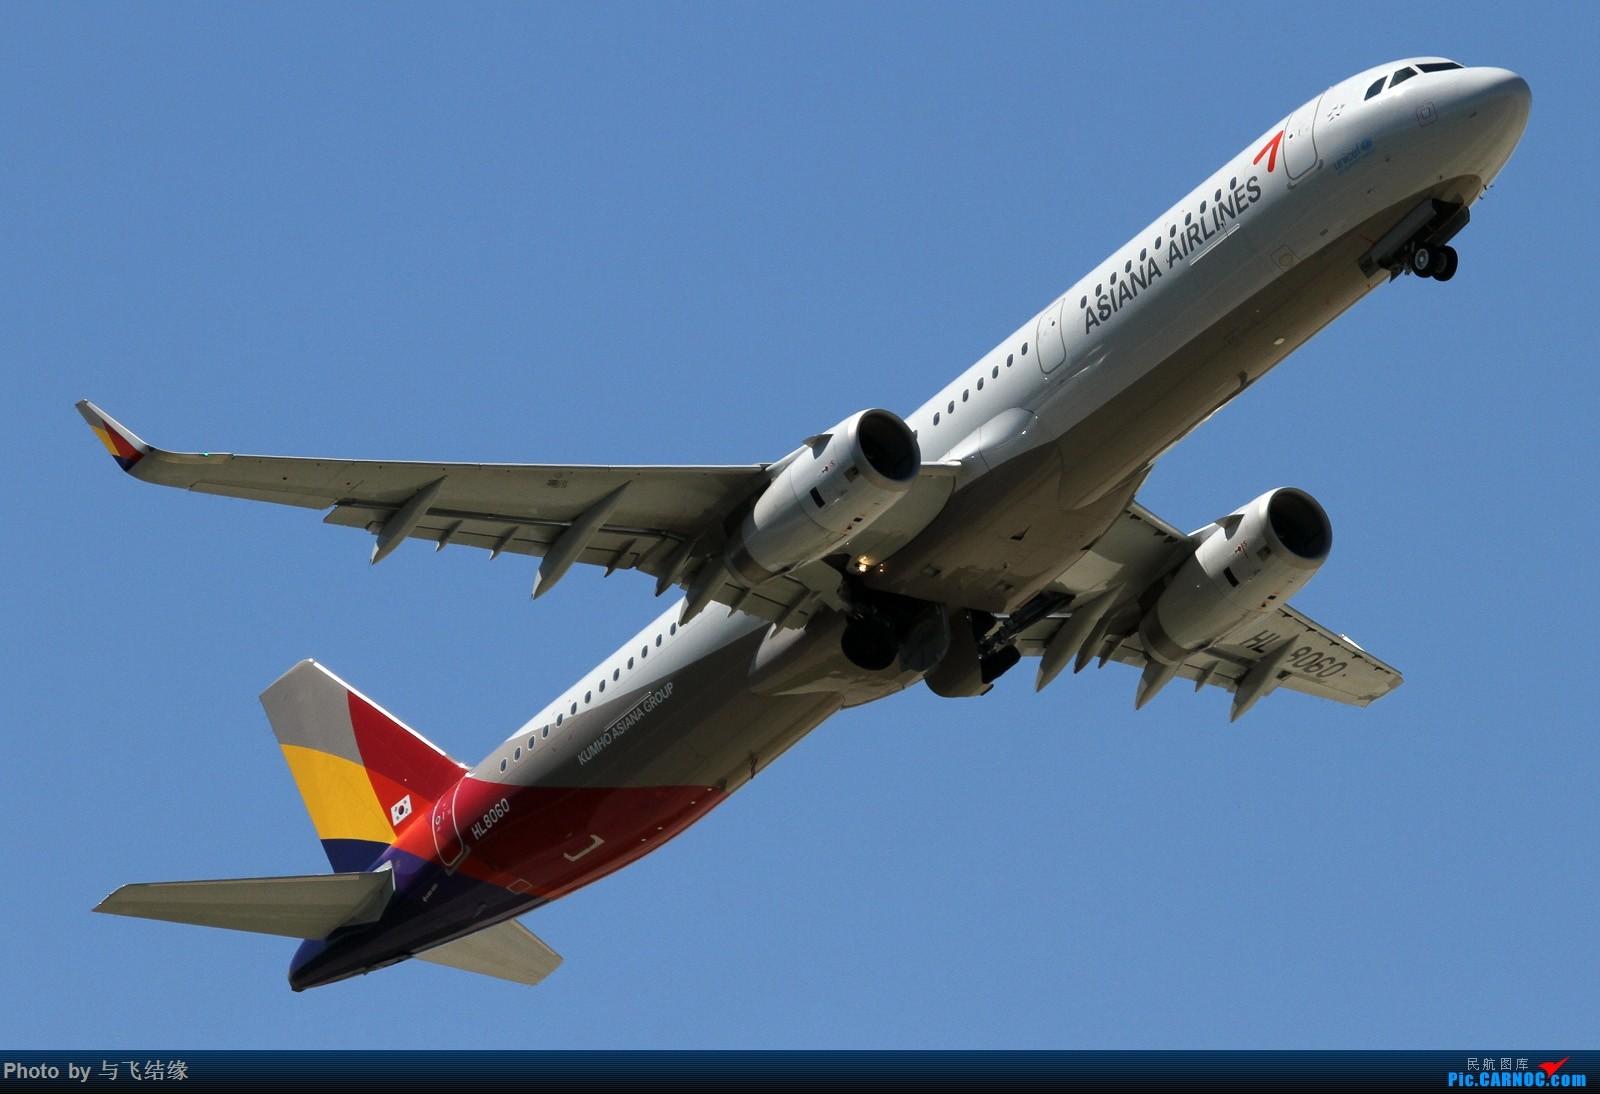 Re:[原创]一组小翼空客Airbus A321的图! AIRBUS A321-200 HL-8060 中国北京首都国际机场